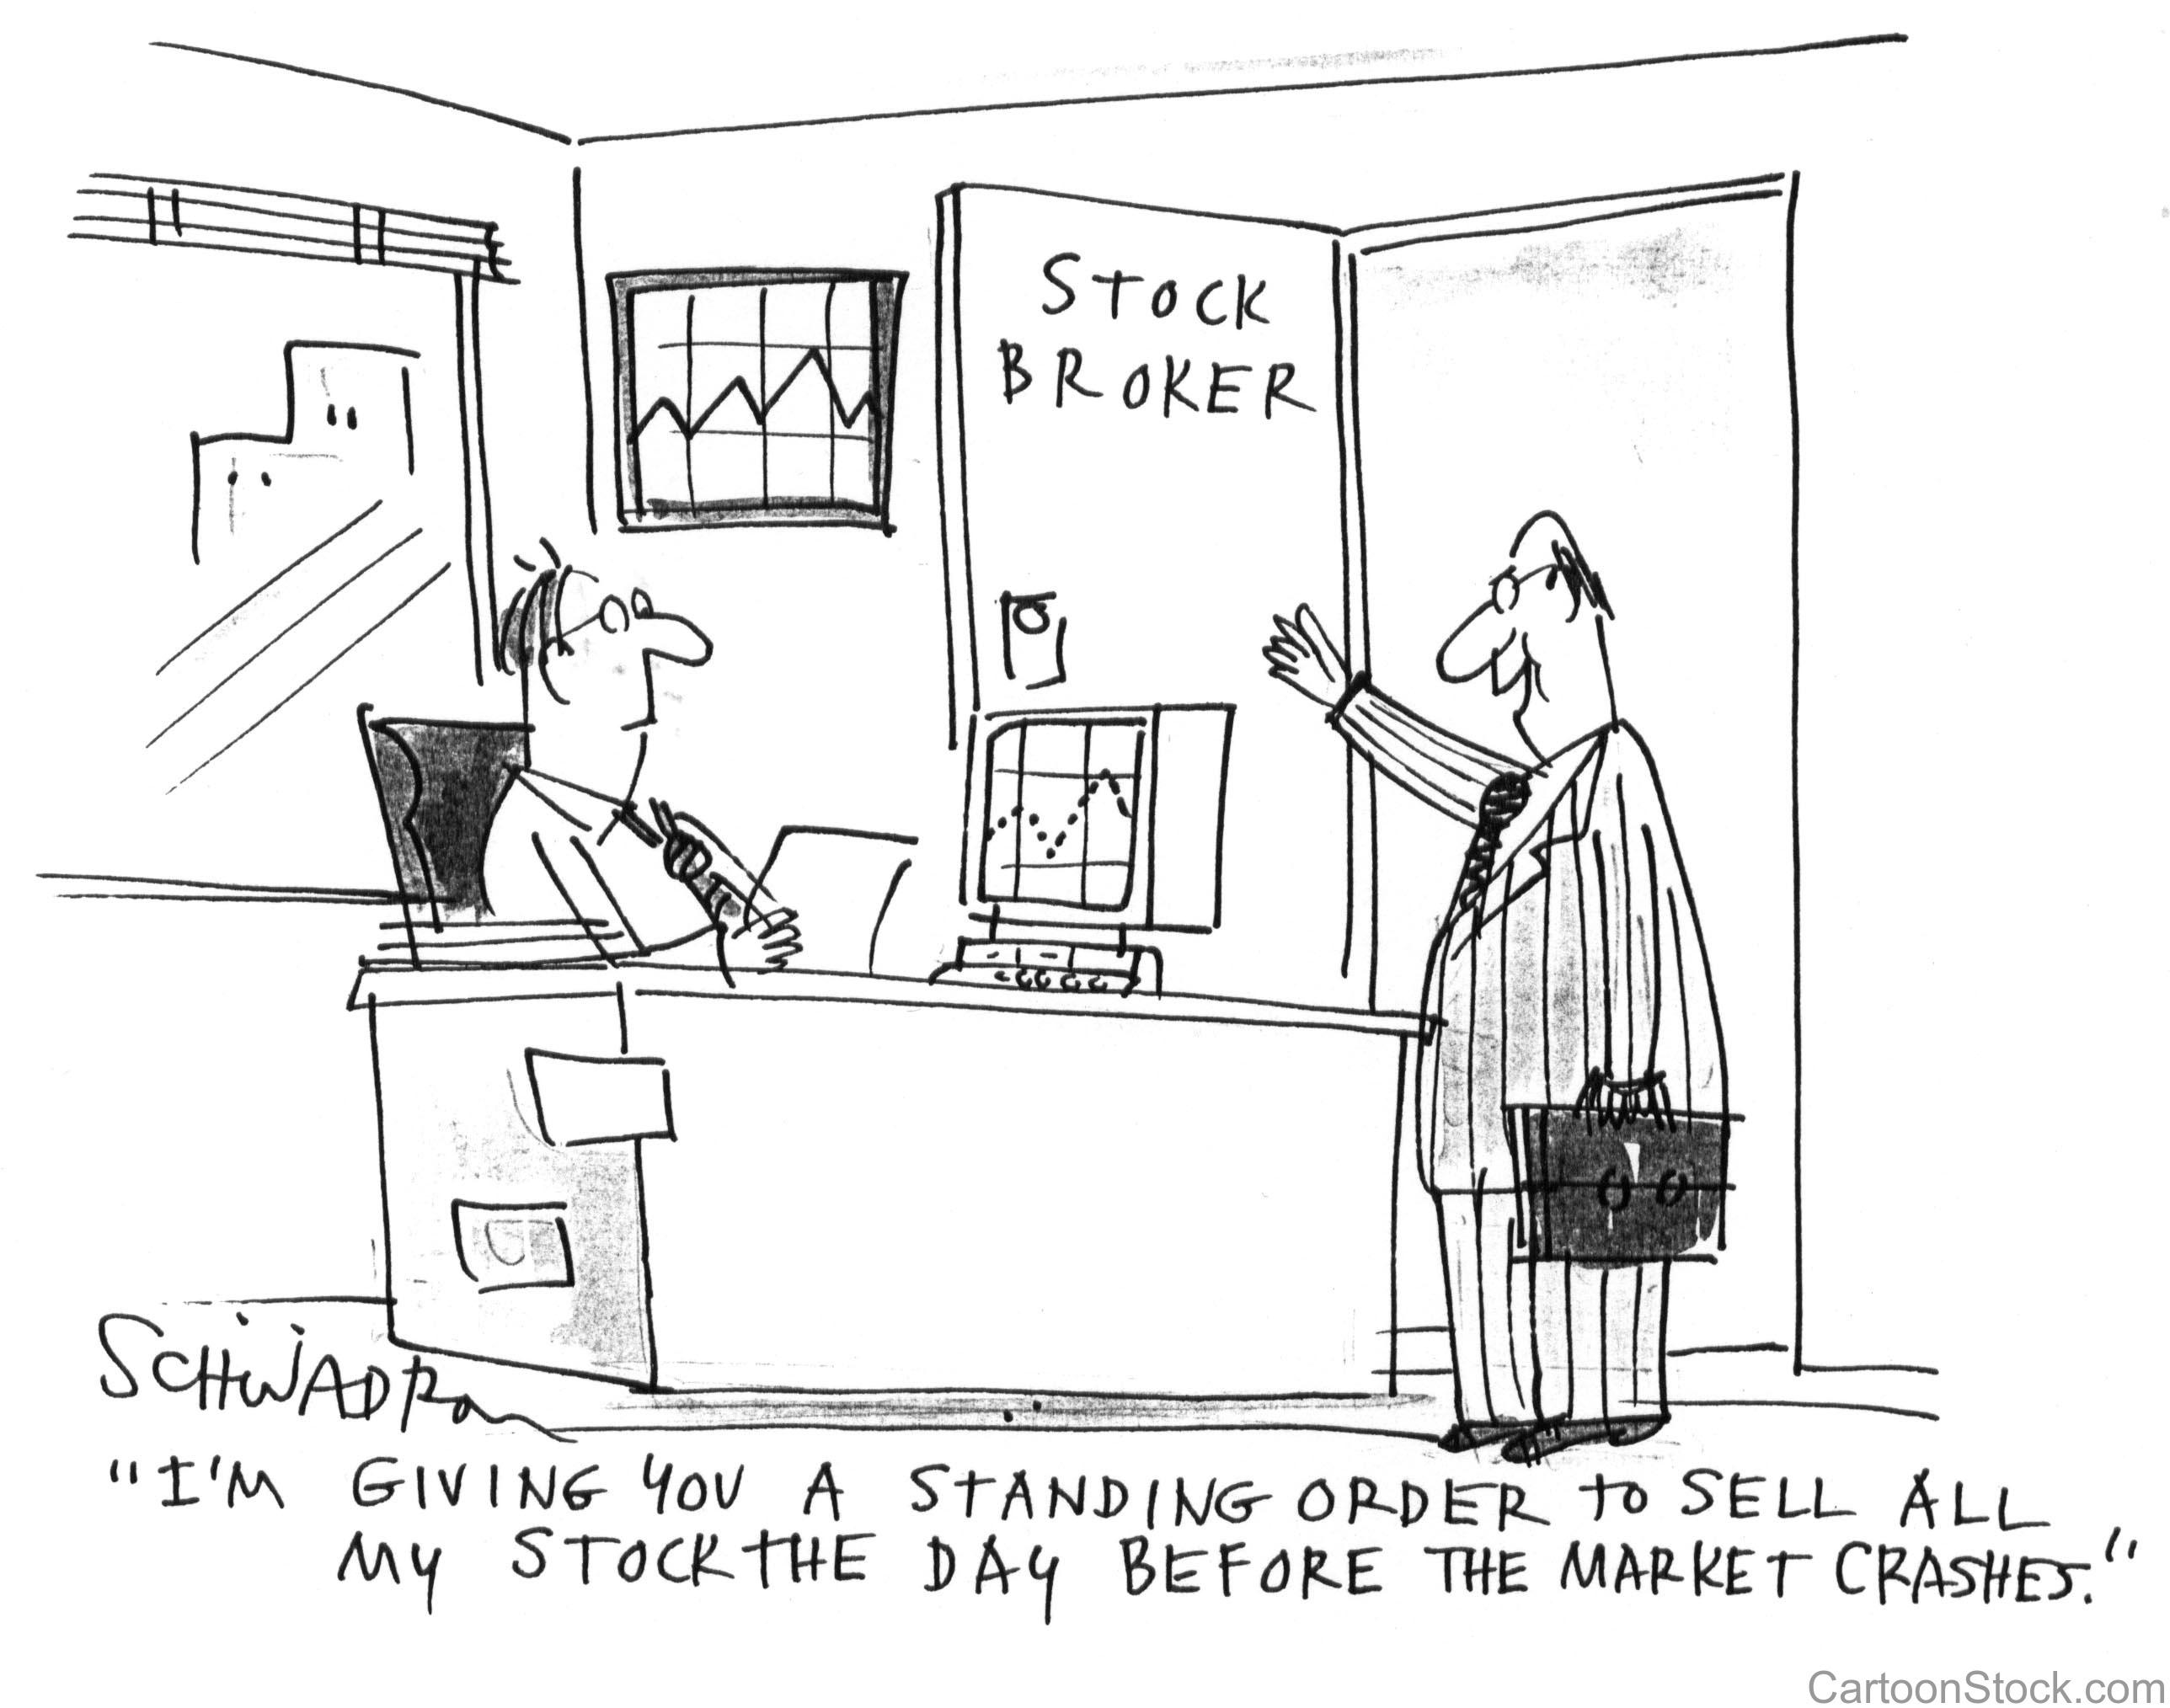 Cartoonist: Schwadron, Harley, cartoonstock.com; Sunday, 12 November 2017